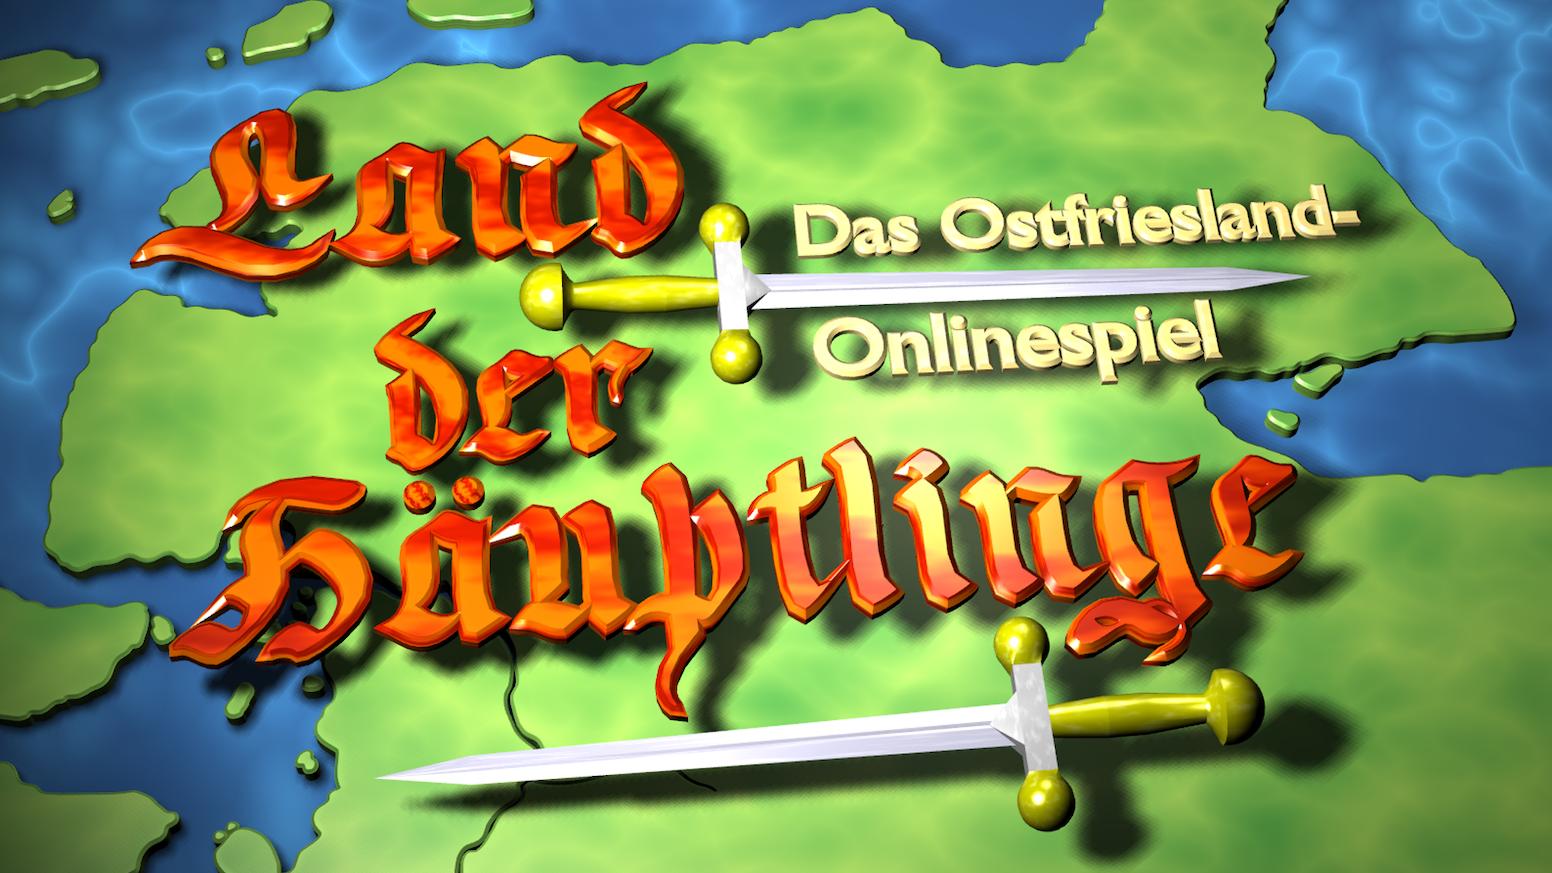 Das rundenbasierte Strategie- und Aufbauspiel über den Kampf der Häuptlinge um das mittelalterliche Ostfriesland.